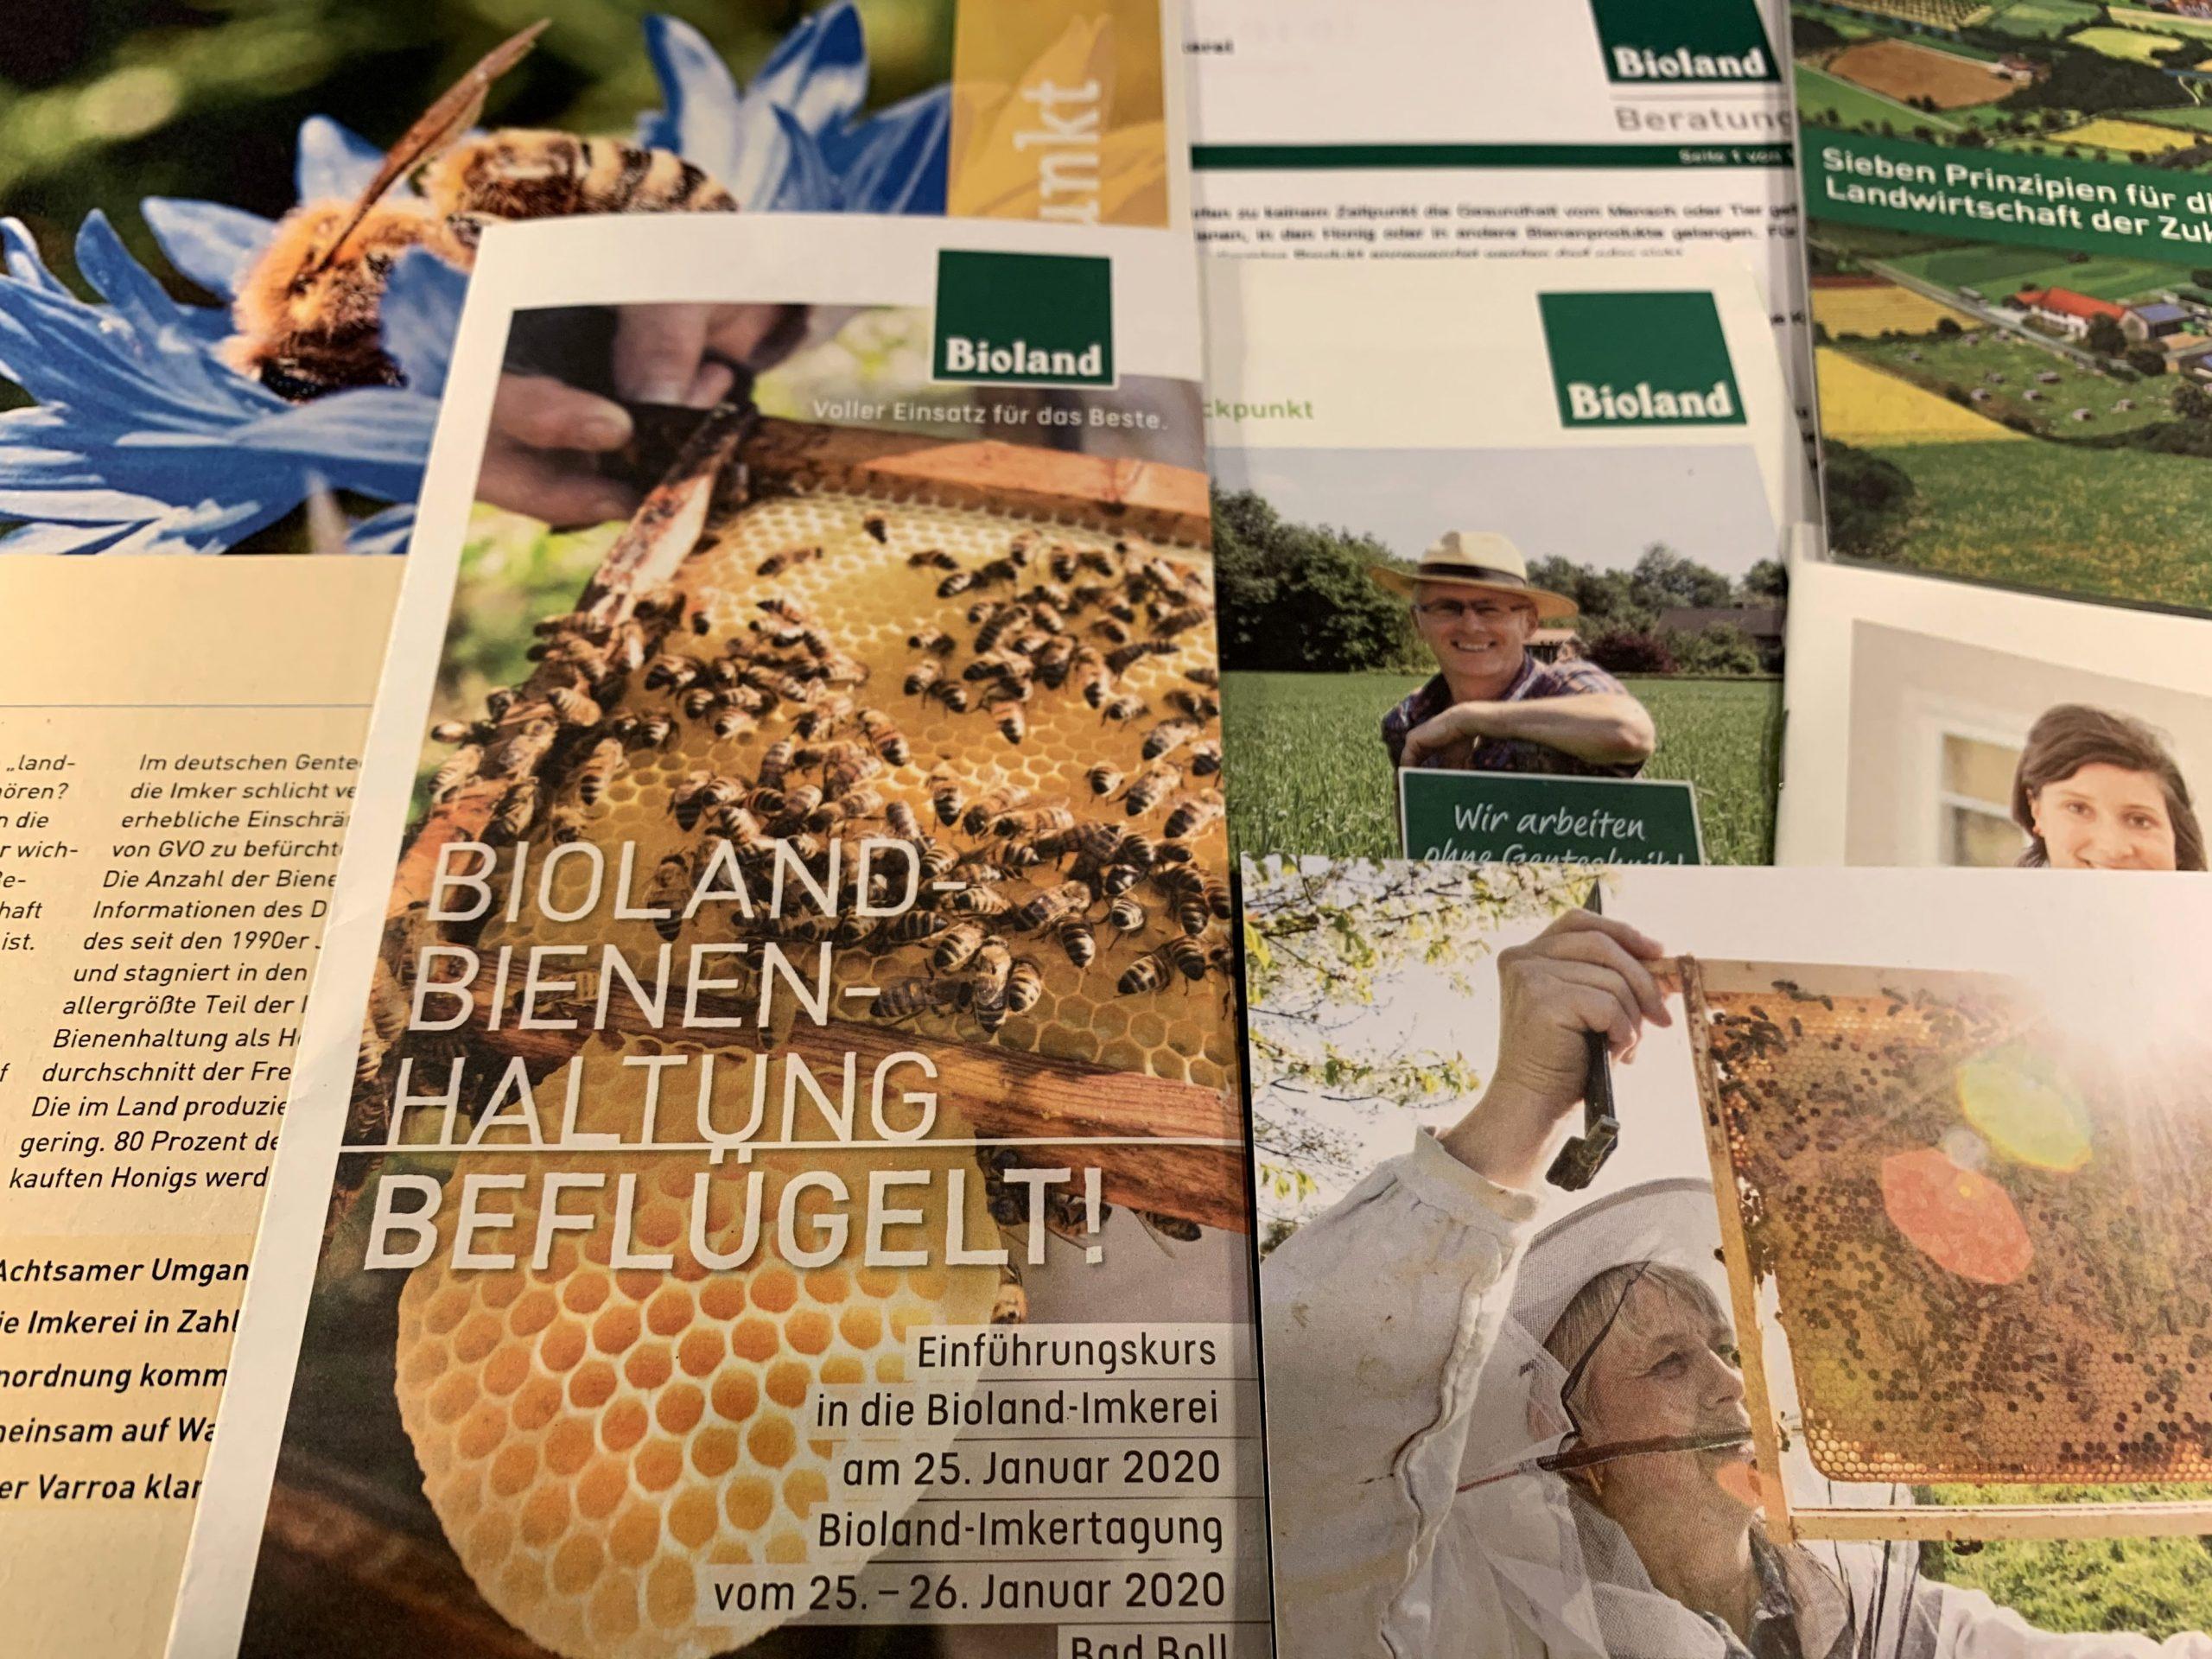 Einführung in die Bioland-Imkerei, Seminar im Januar 2020 in Bad Boll